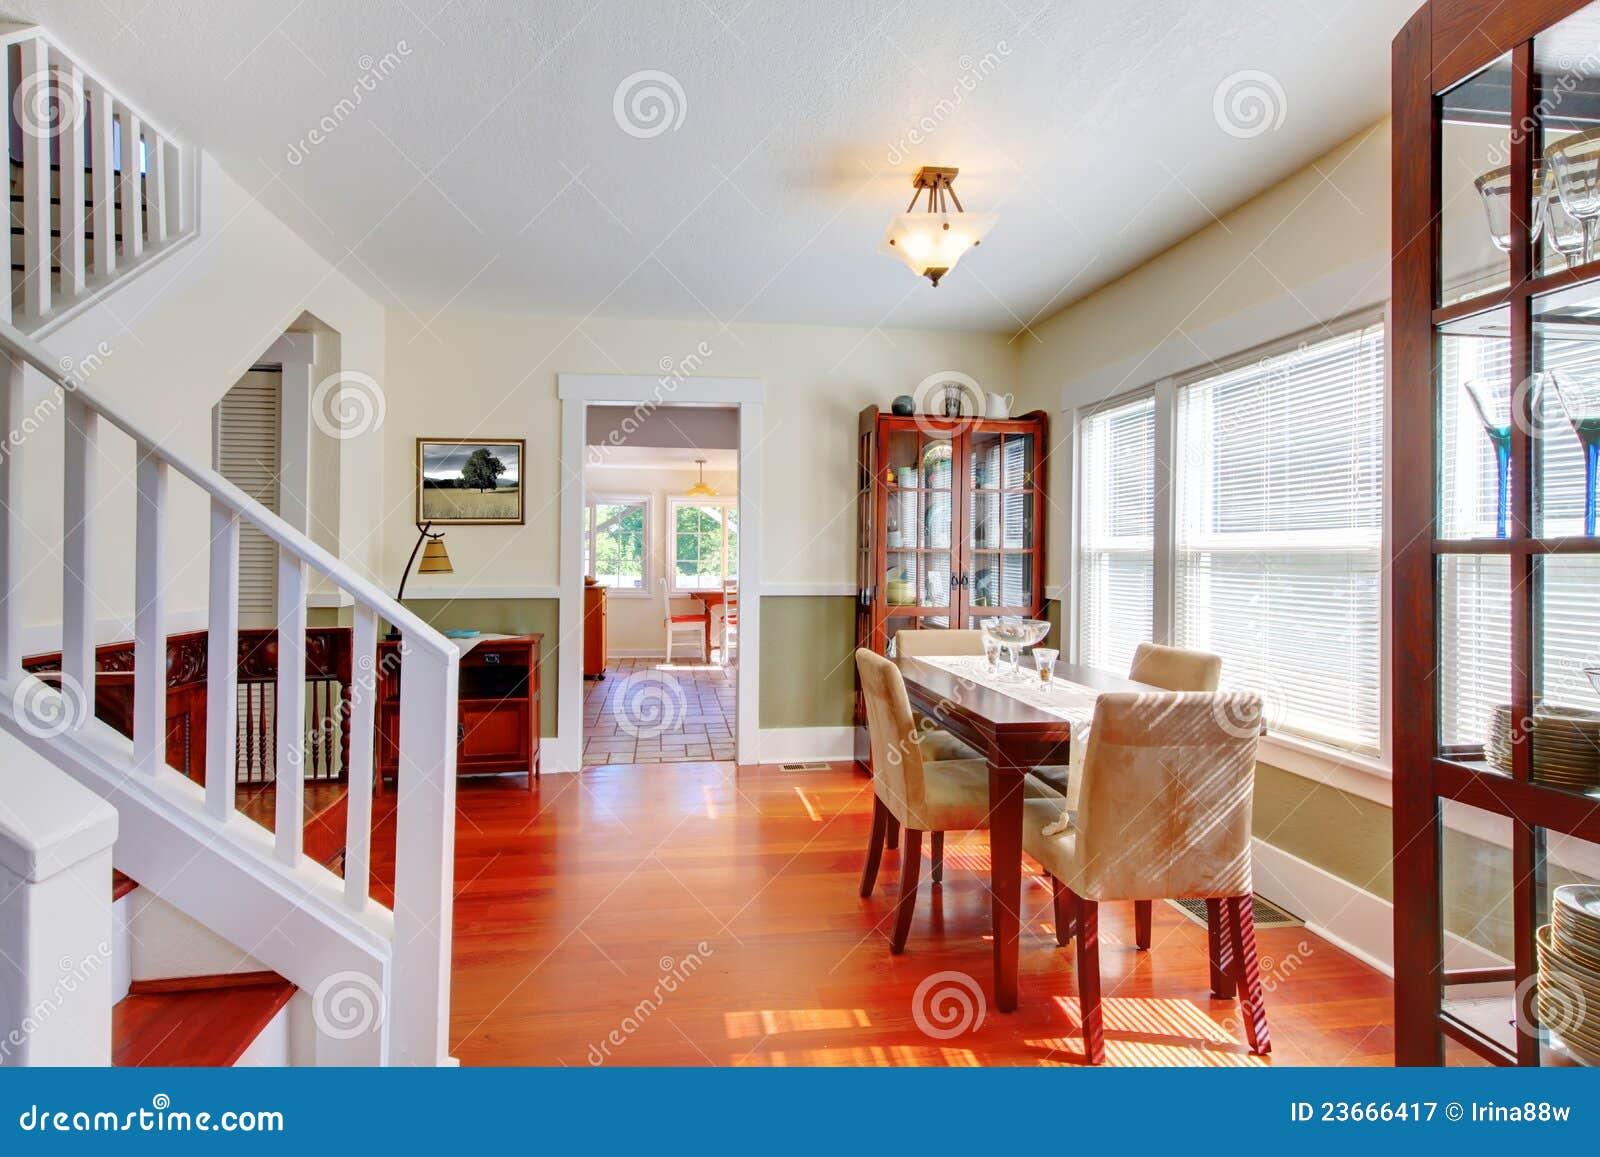 Salle Manger Dans La Belle Vieille Petite Maison